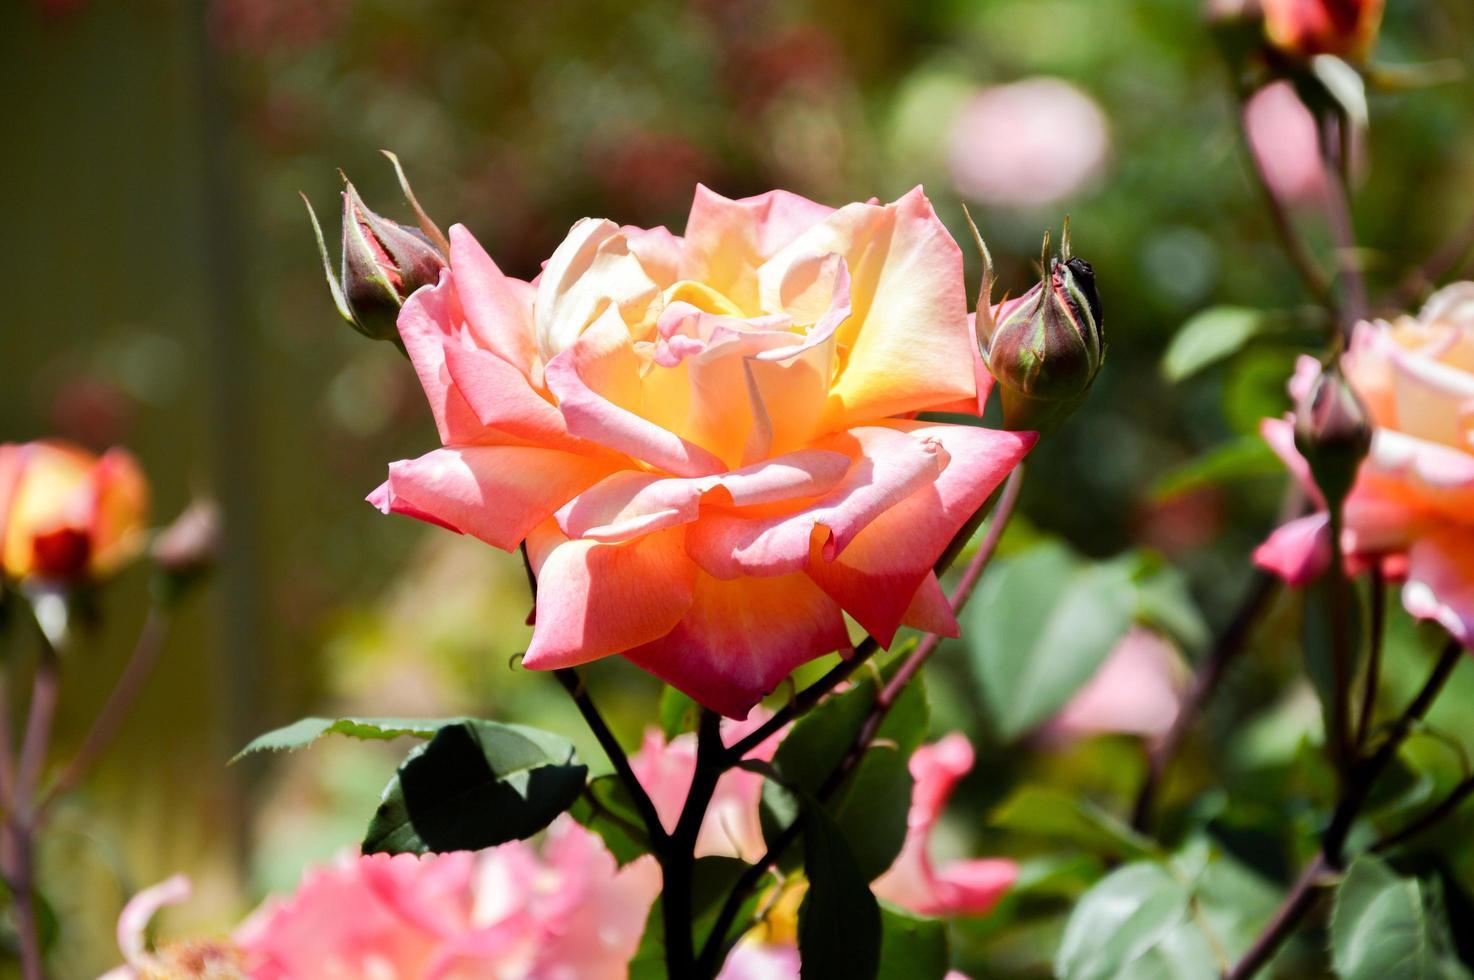 rosa rosa alla luce del sole foto